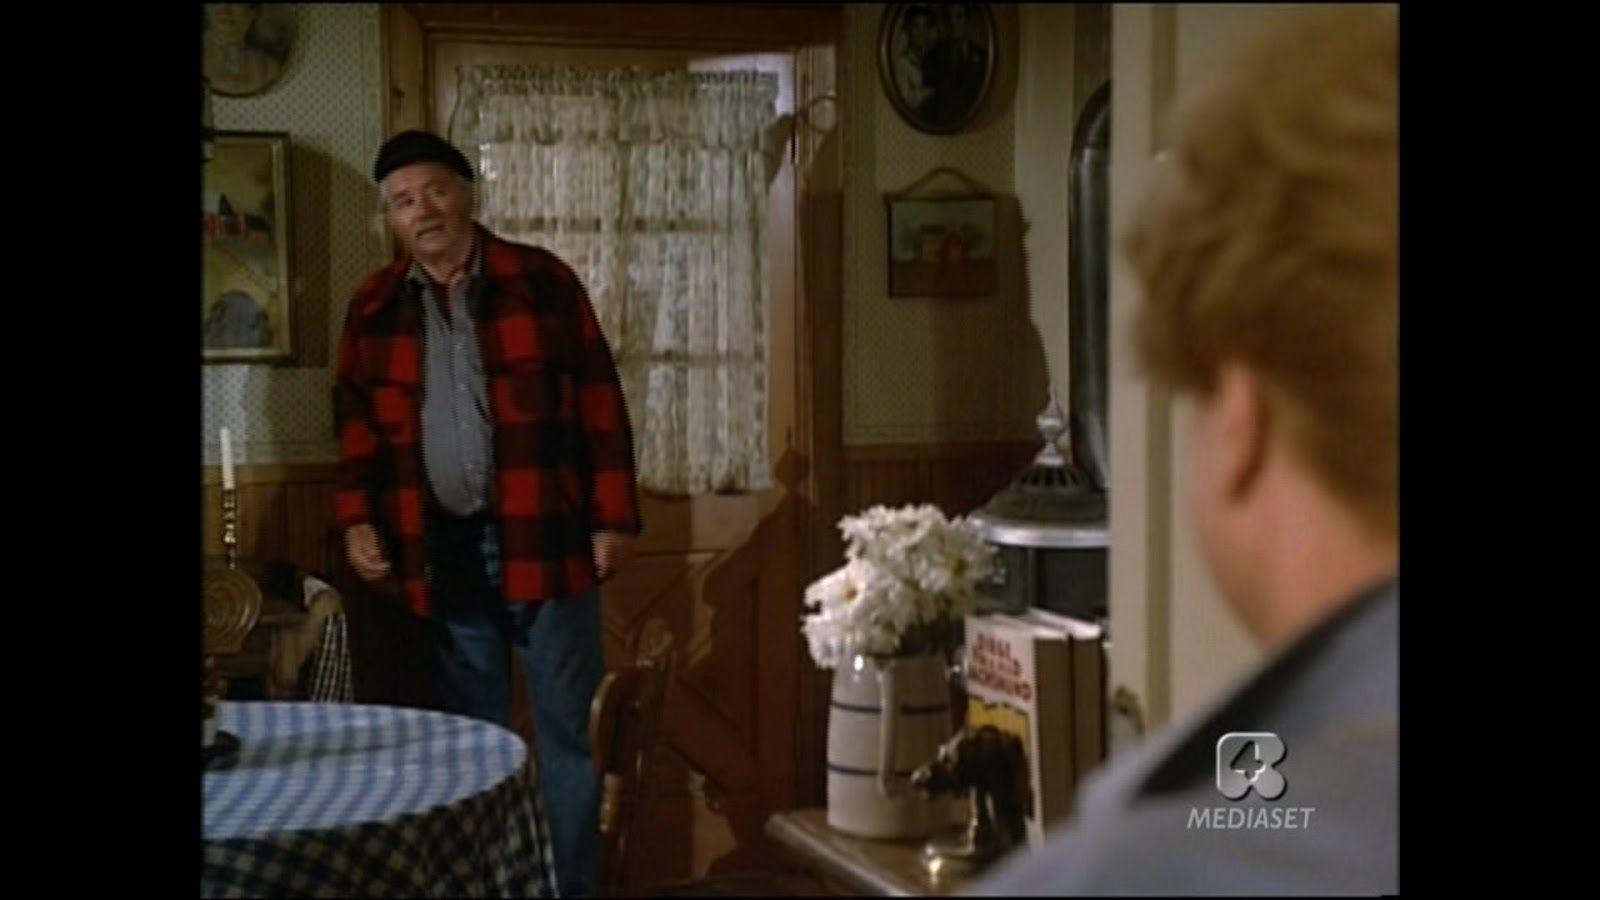 Handy Man (Ralph) Entering Back Door of Kitchen